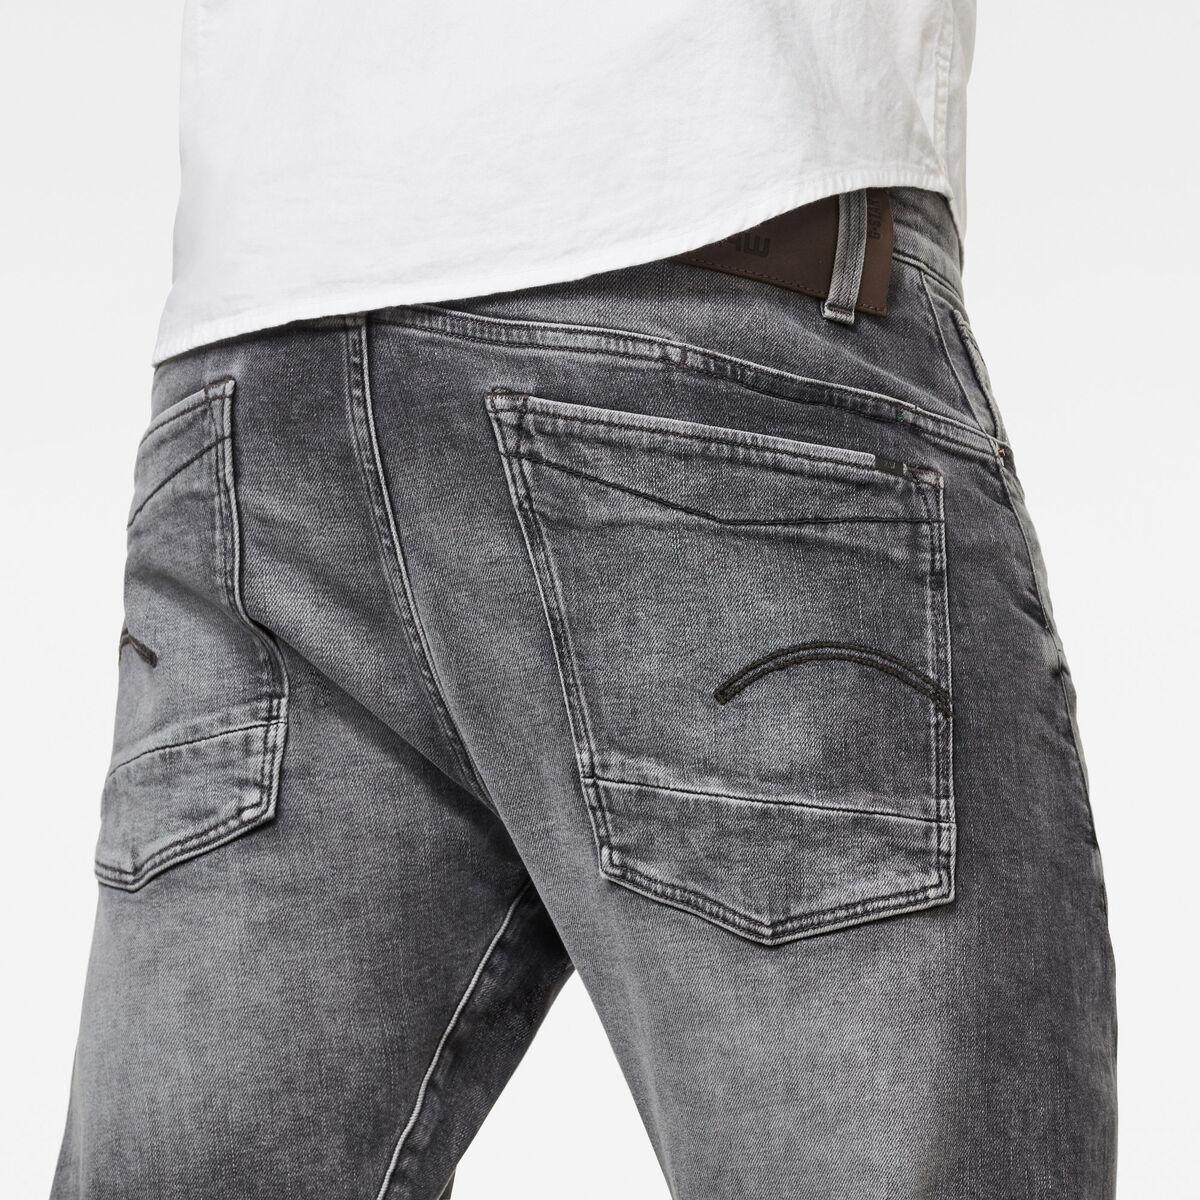 Bild 3 von Scutar 3D Slim Tapered Jeans